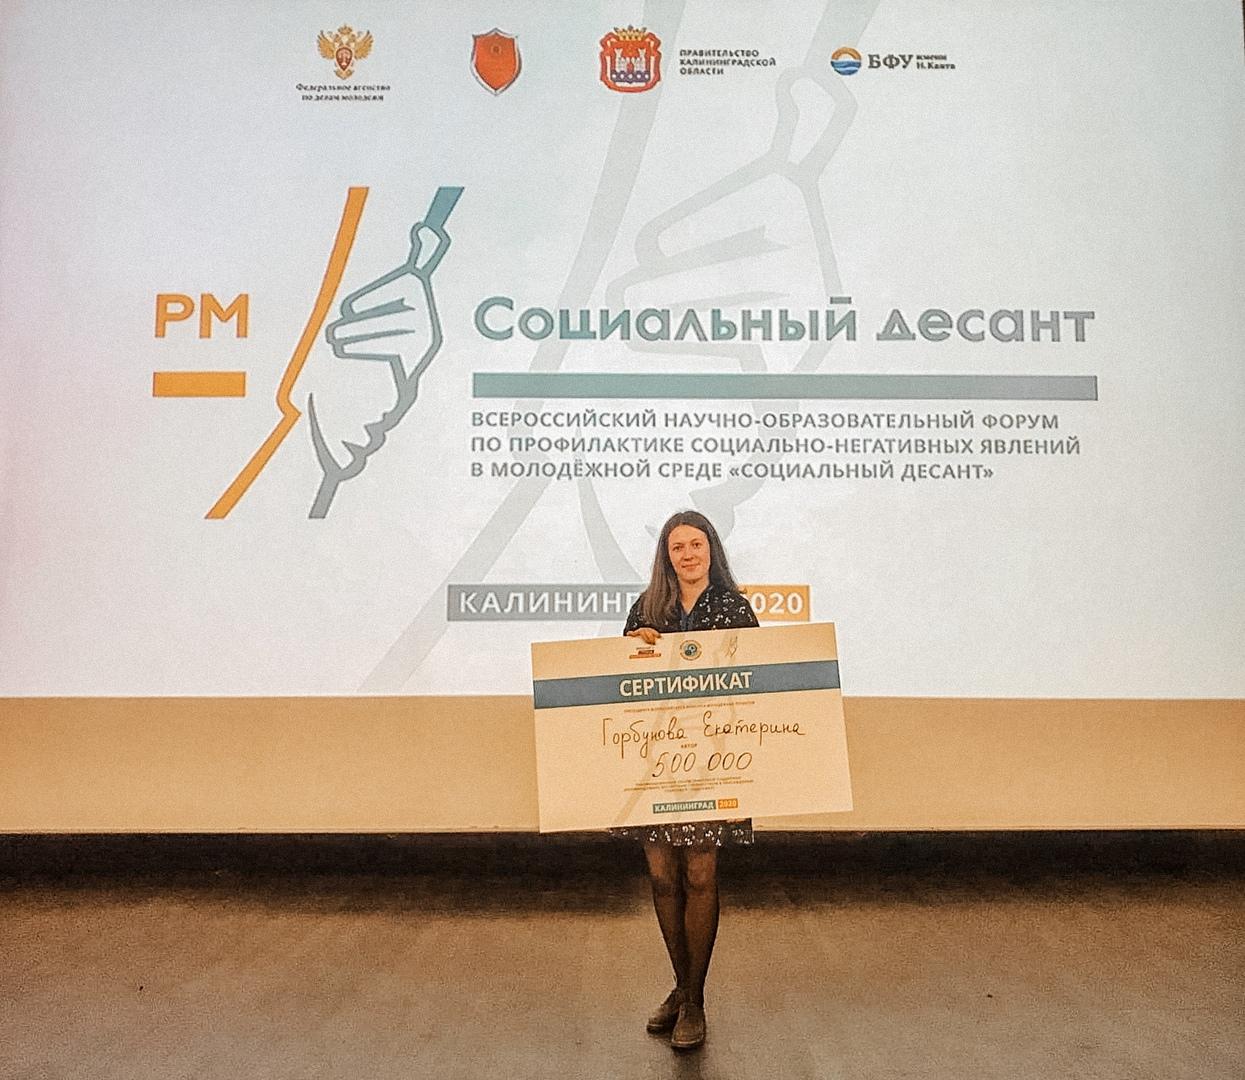 Ярославна выиграла полмиллиона на реализацию проекта по развитию навыков здорового образа жизни